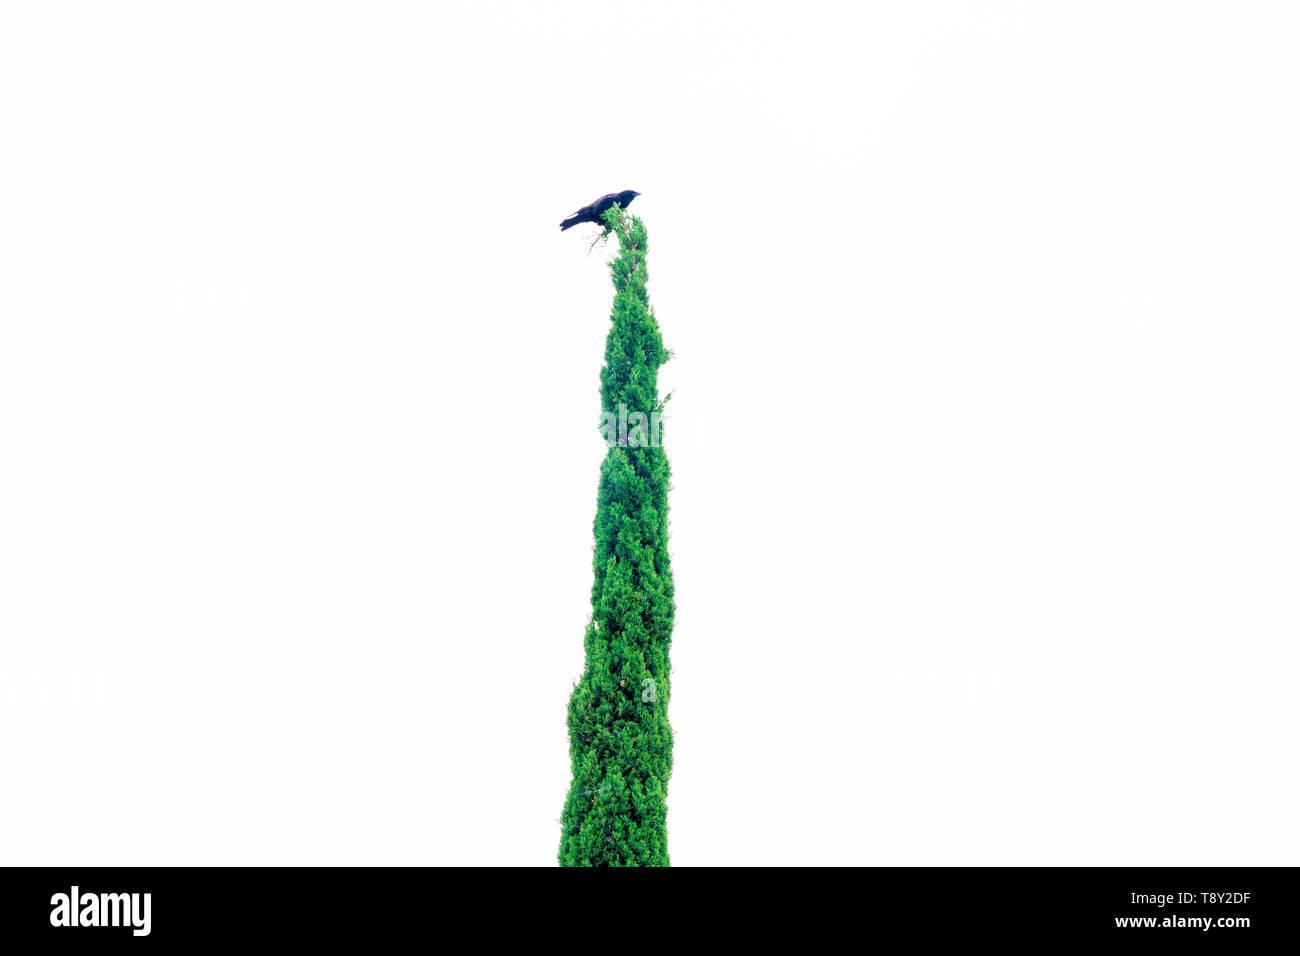 Was voran für Marihuana Konzept geschossen von Krähe saß auf einem Baum Stockbild